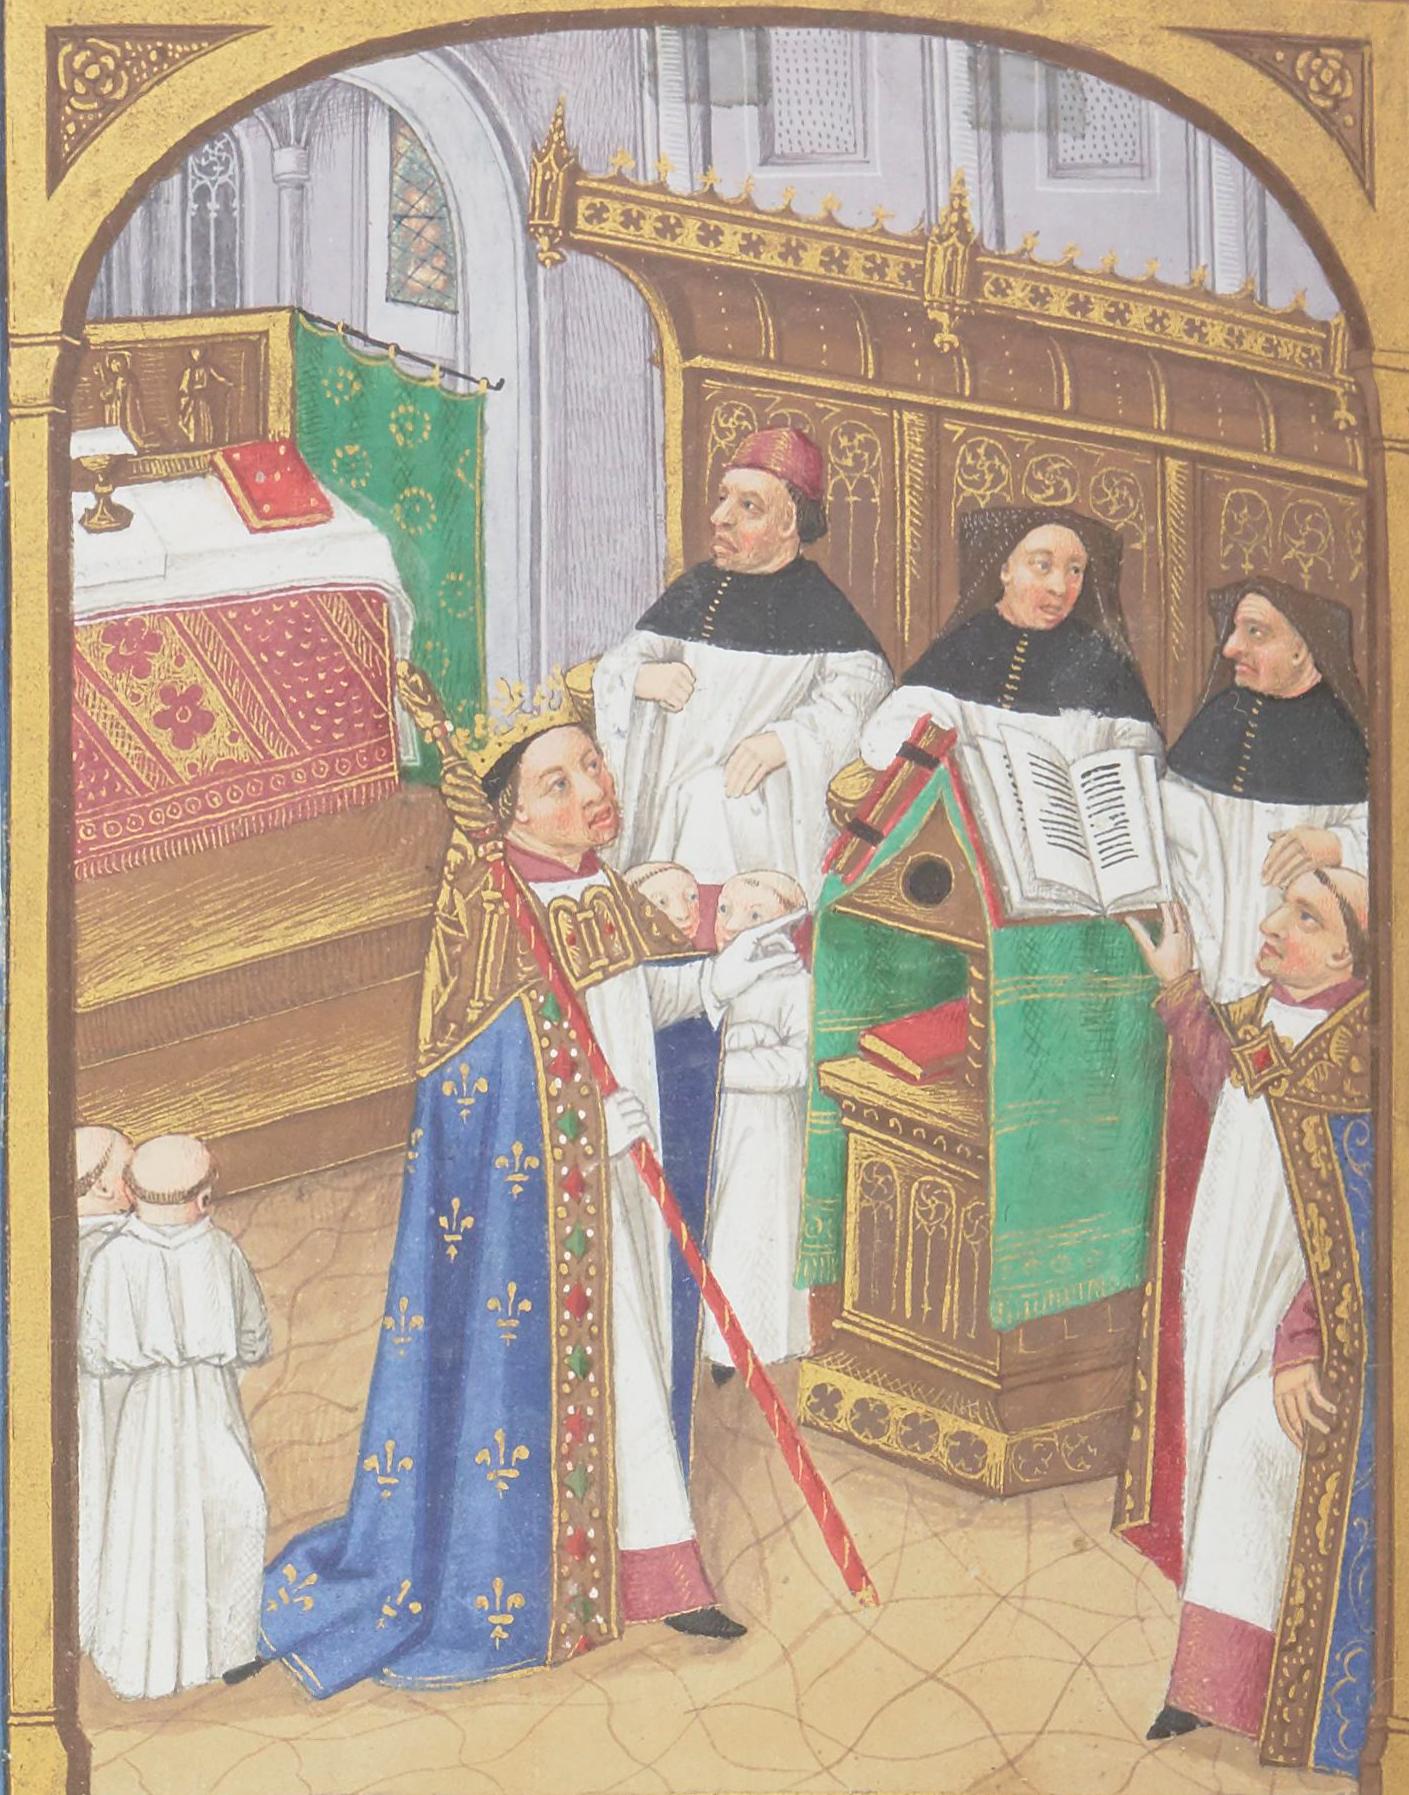 ŒUVRES CHRÉTIENNES DES FAMILLES ROYALES DE FRANCE - (Images et Musique)- année 1870  Robert_le_Pieux_-_Grandes_Chroniques_de_France_-_BNF_Fr2609_f144v